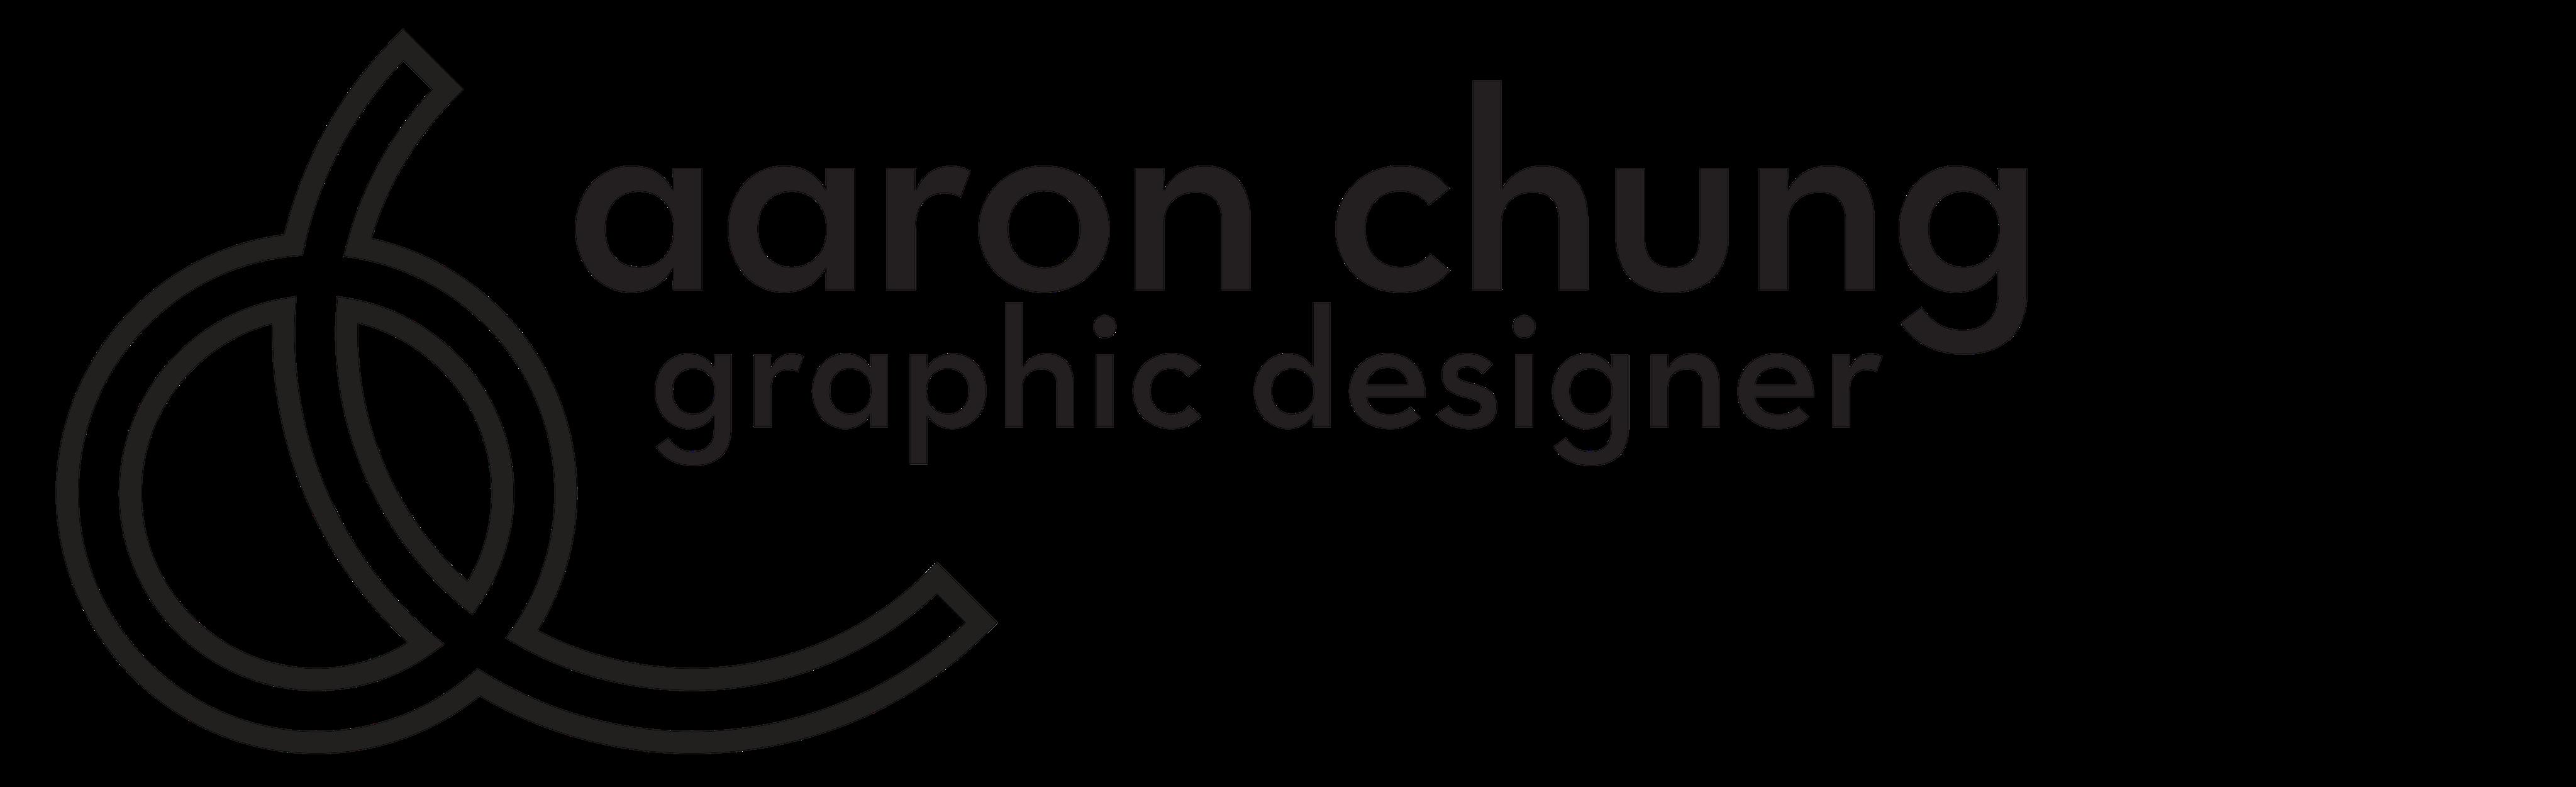 Aaron Chung